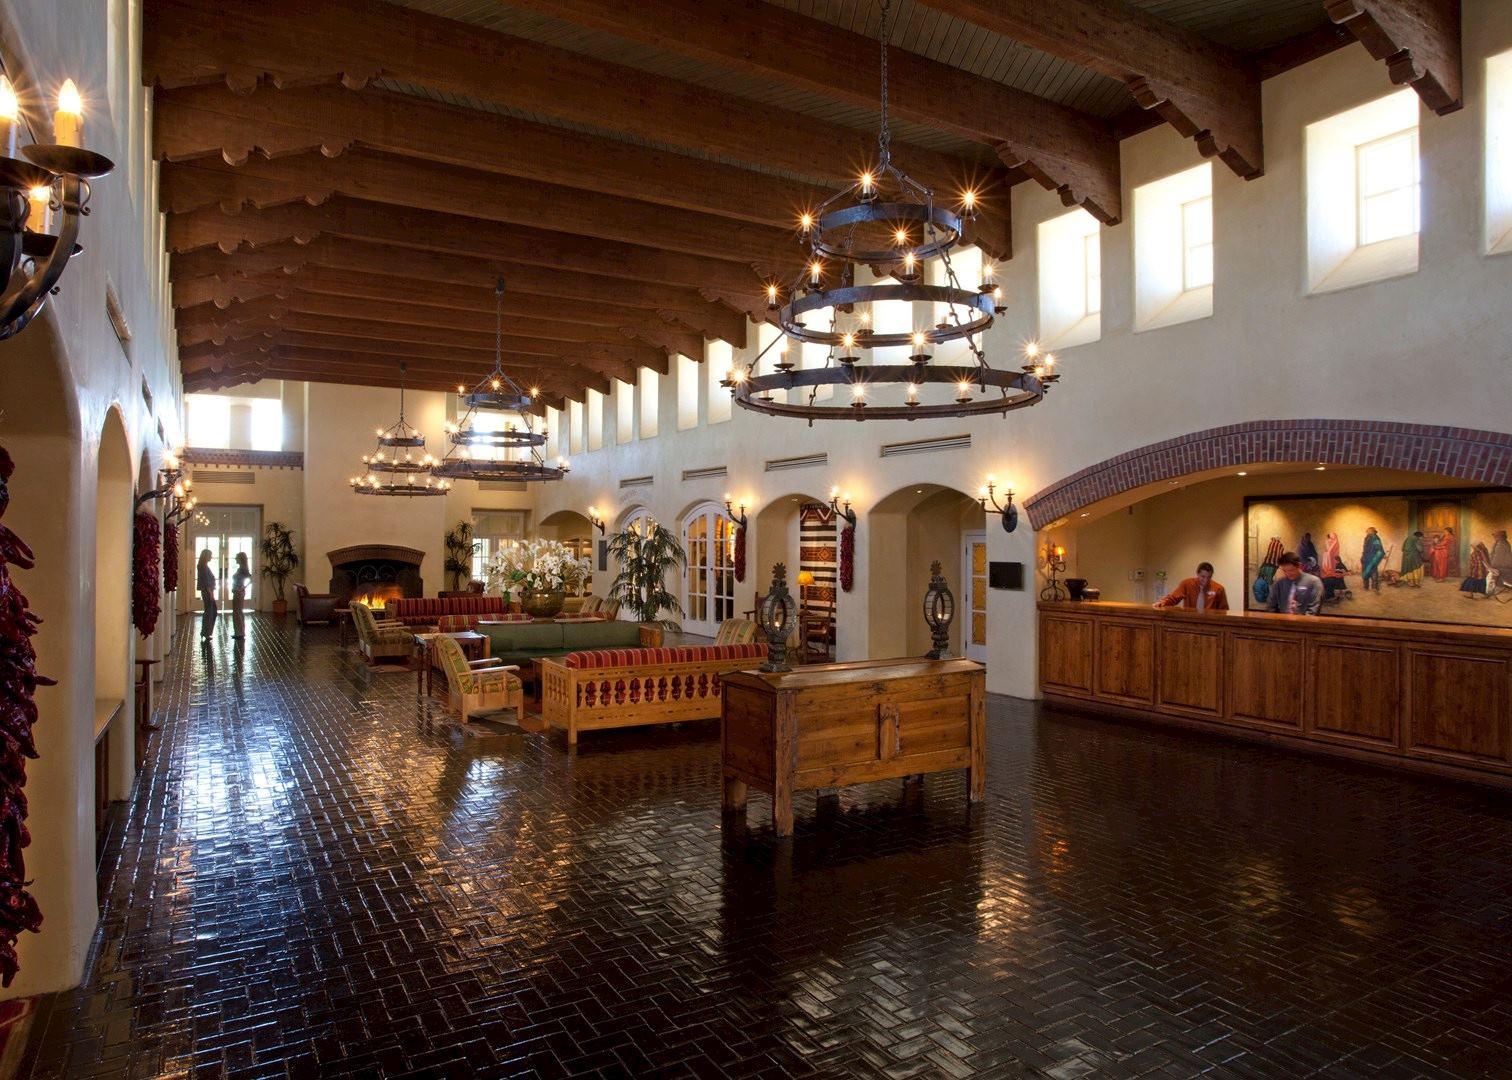 Las cruces new mexico casino close borgata casino hotel & spa